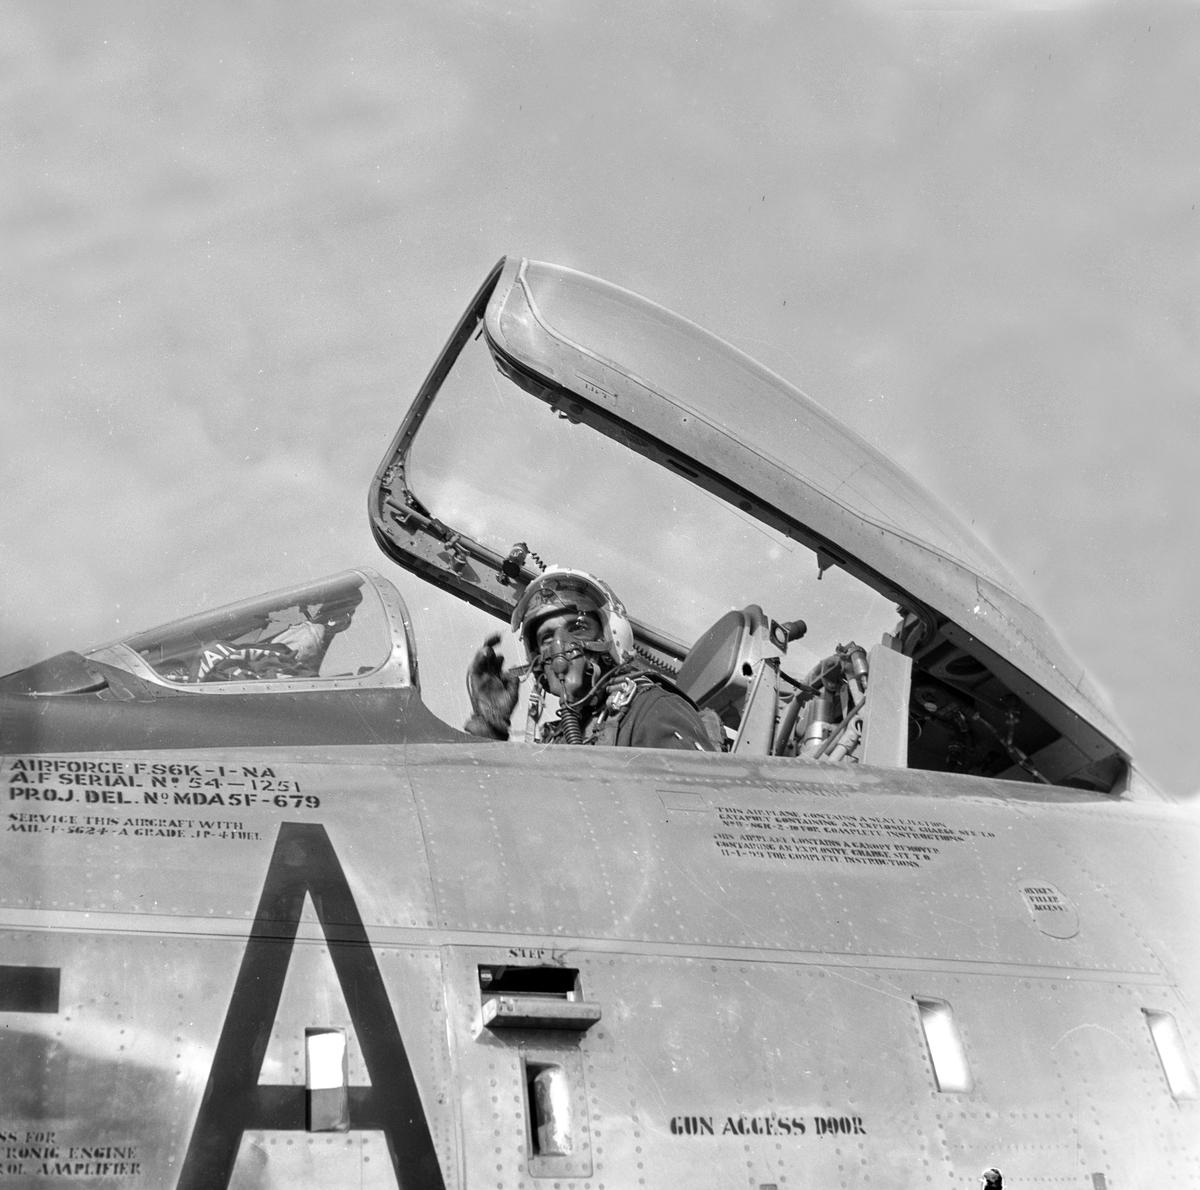 Serie. Mange uniformskledde personer er samlet i anledningen at et jagerfly skal bryte lydmuren. Jagerpiloten sitter i flyet. Fotografert 12. og 13. september 1955.